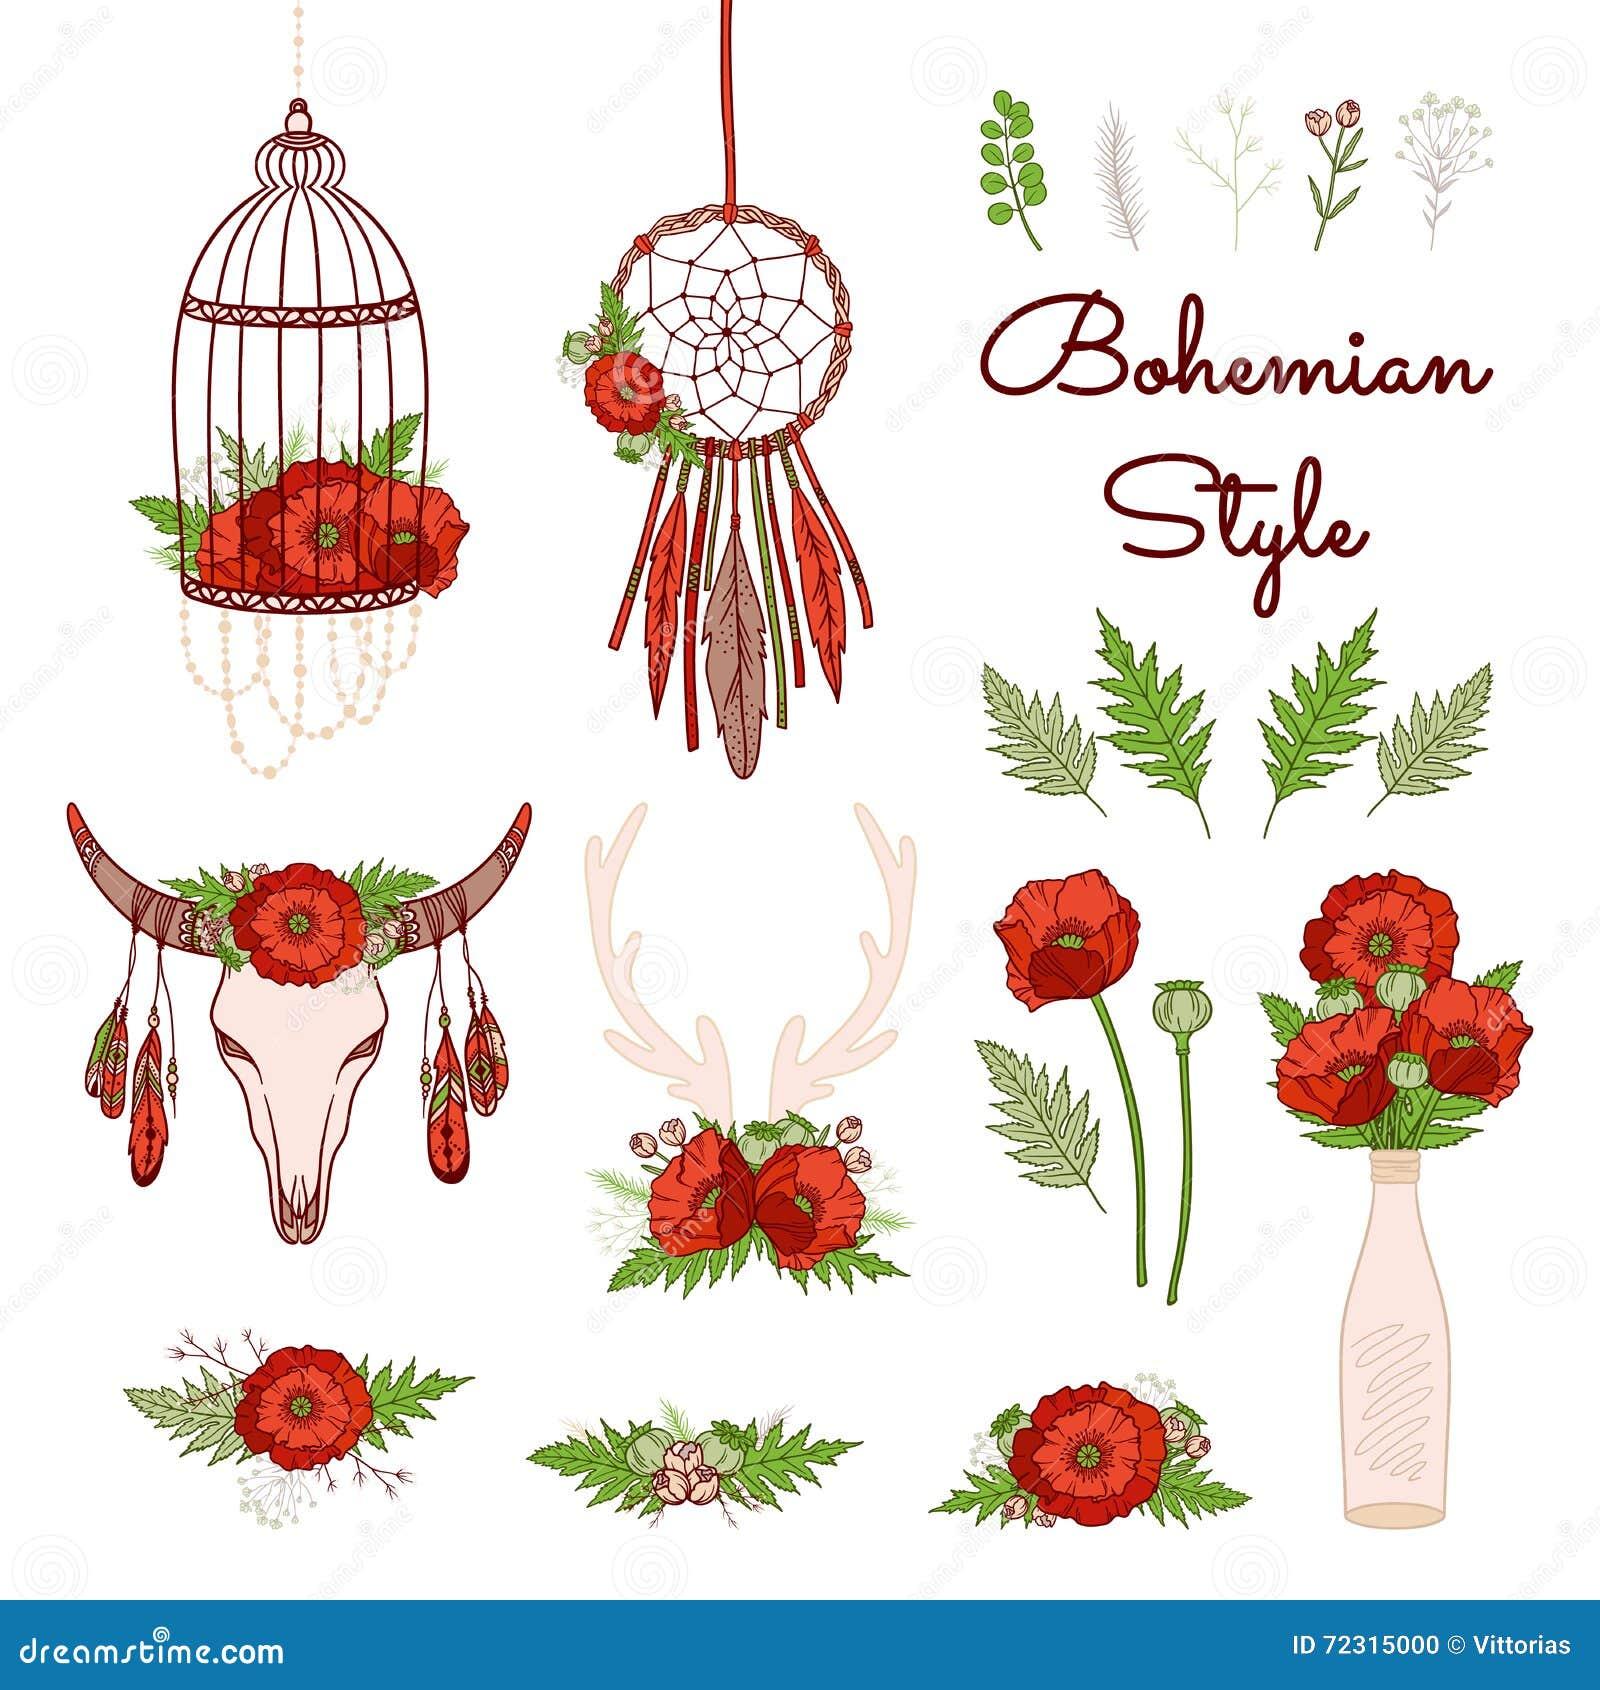 SIZE XL Bohemian Style Floral Print Dress Sexy Slash Neck ...  |Bohemian Style Flowers